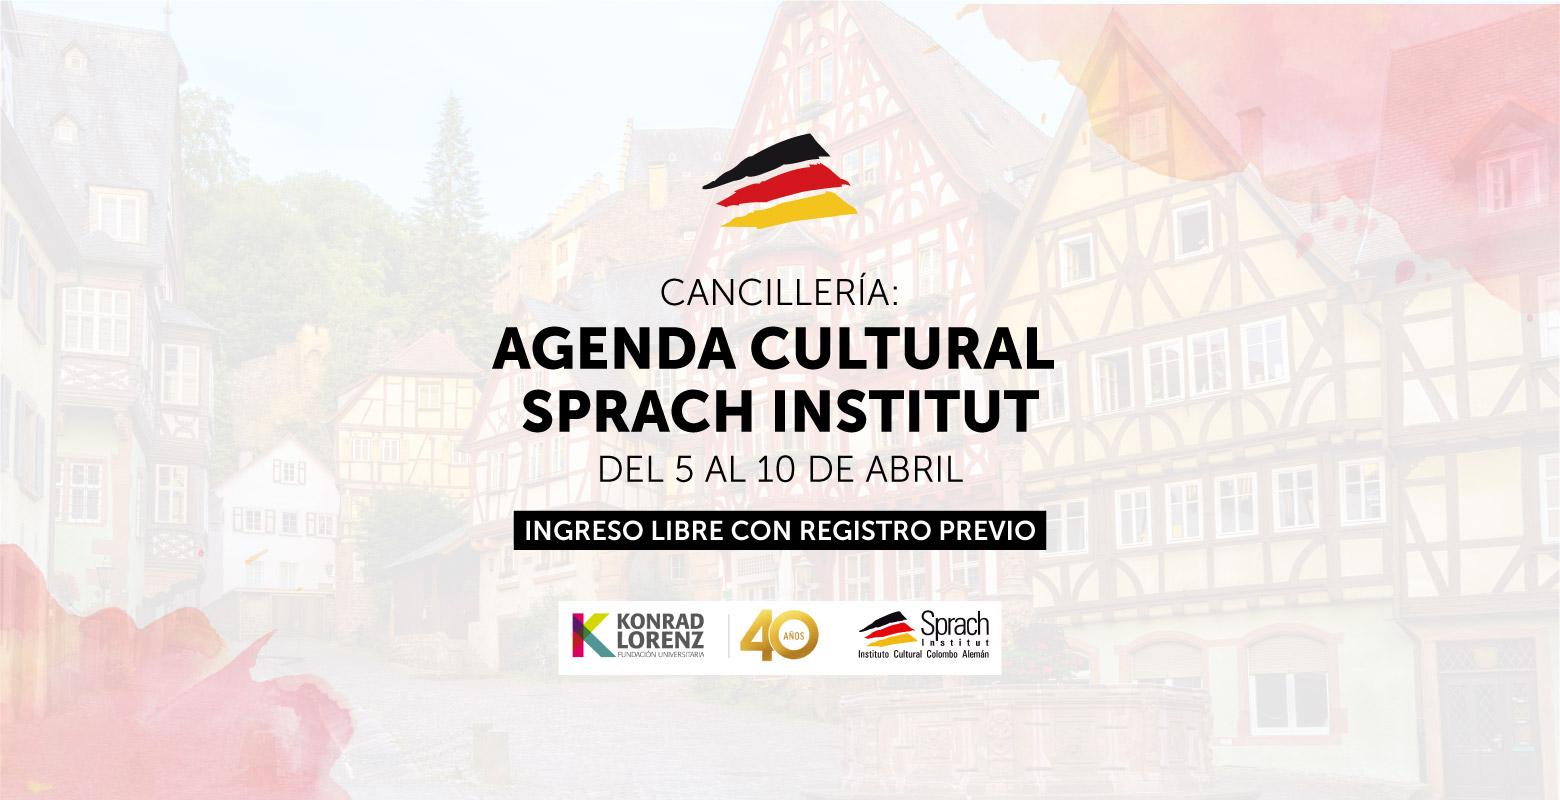 Agenda Cultural Sprach Institut